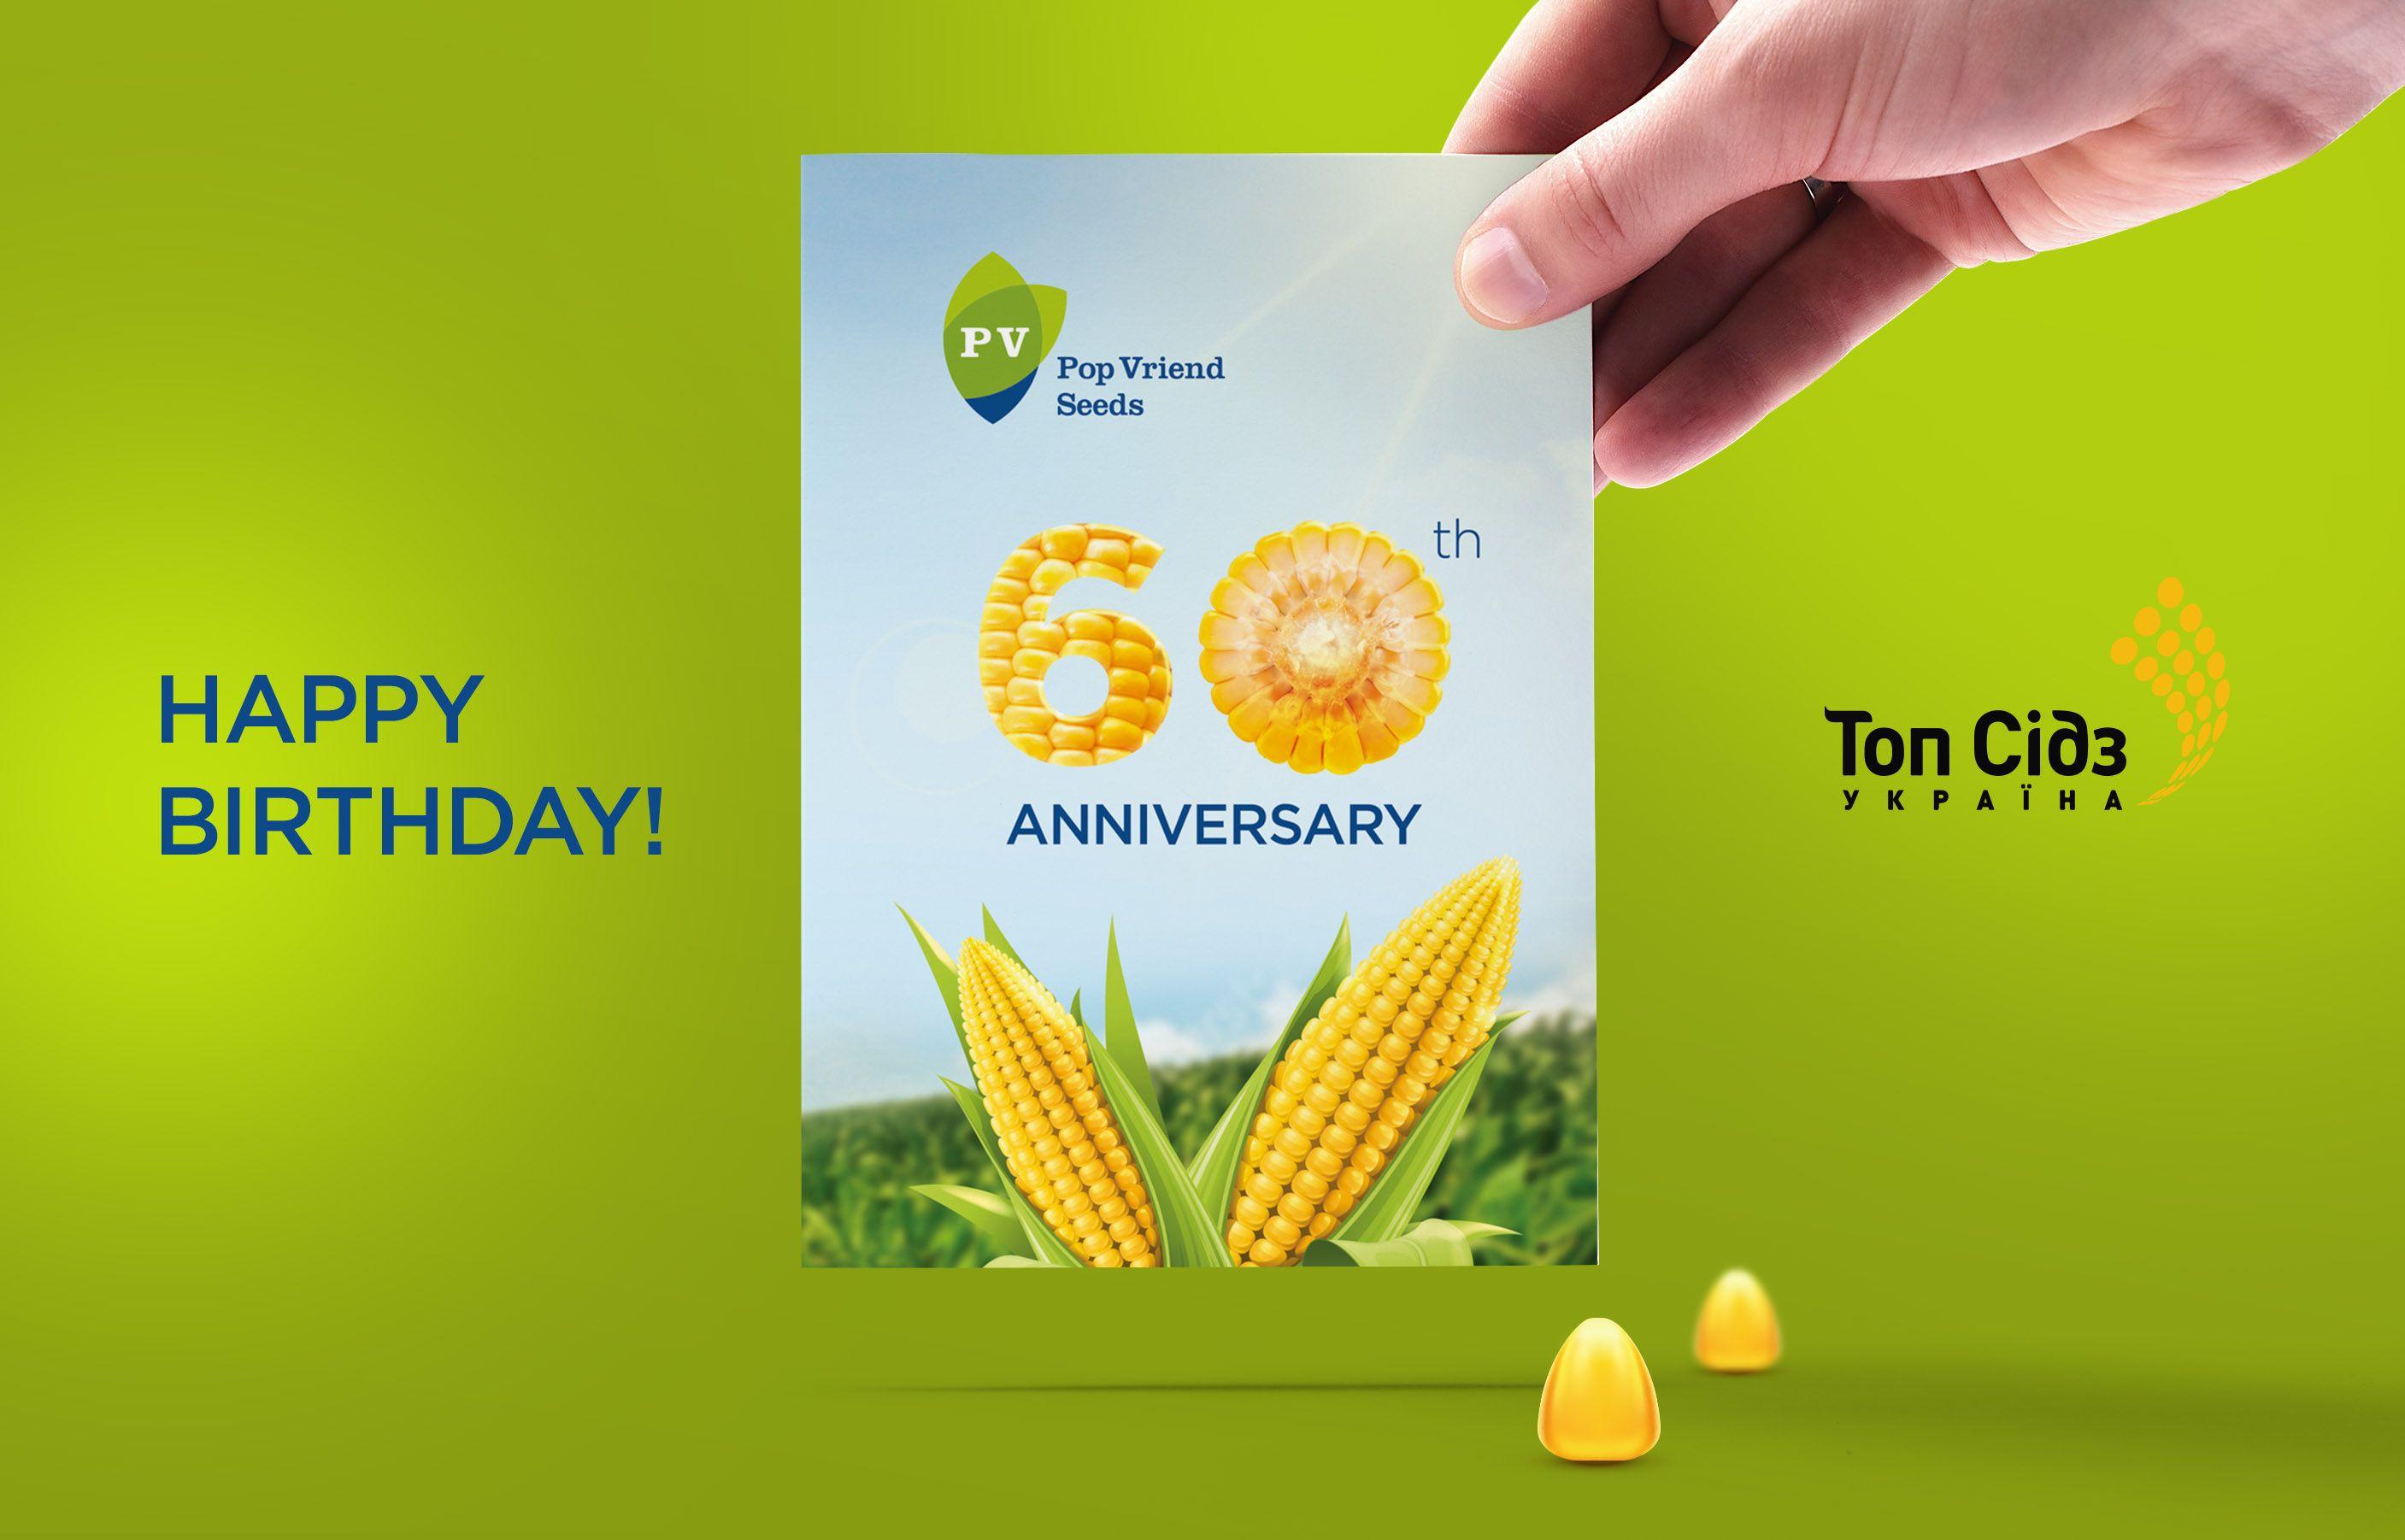 креативная открытка для сельскохозяйственной компании